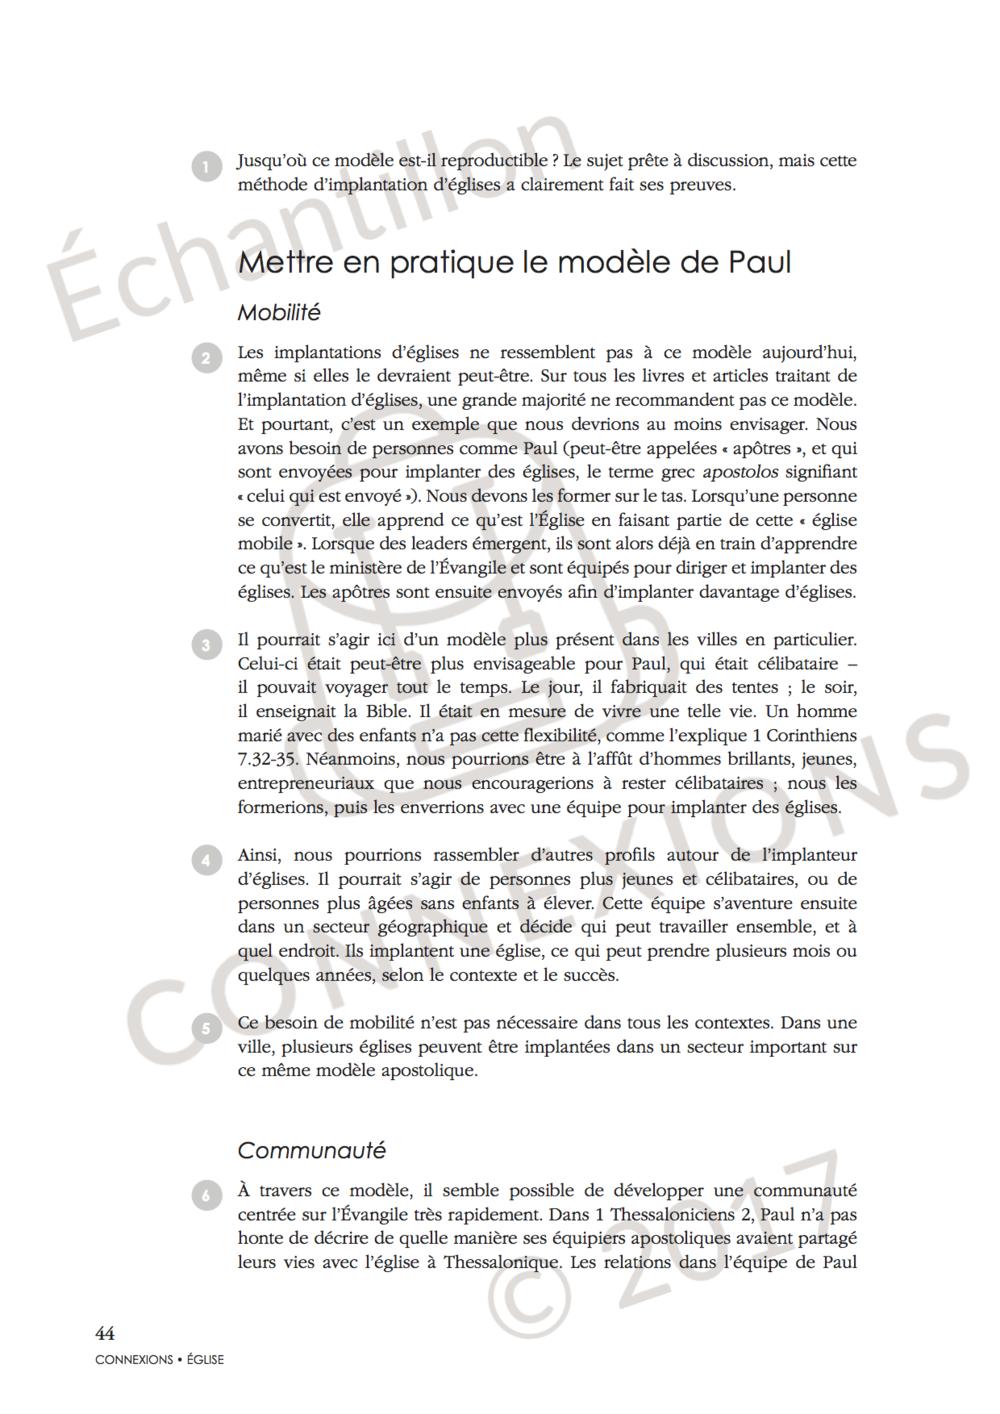 Église missionnelle et implantation d'église_sample_published.5.png